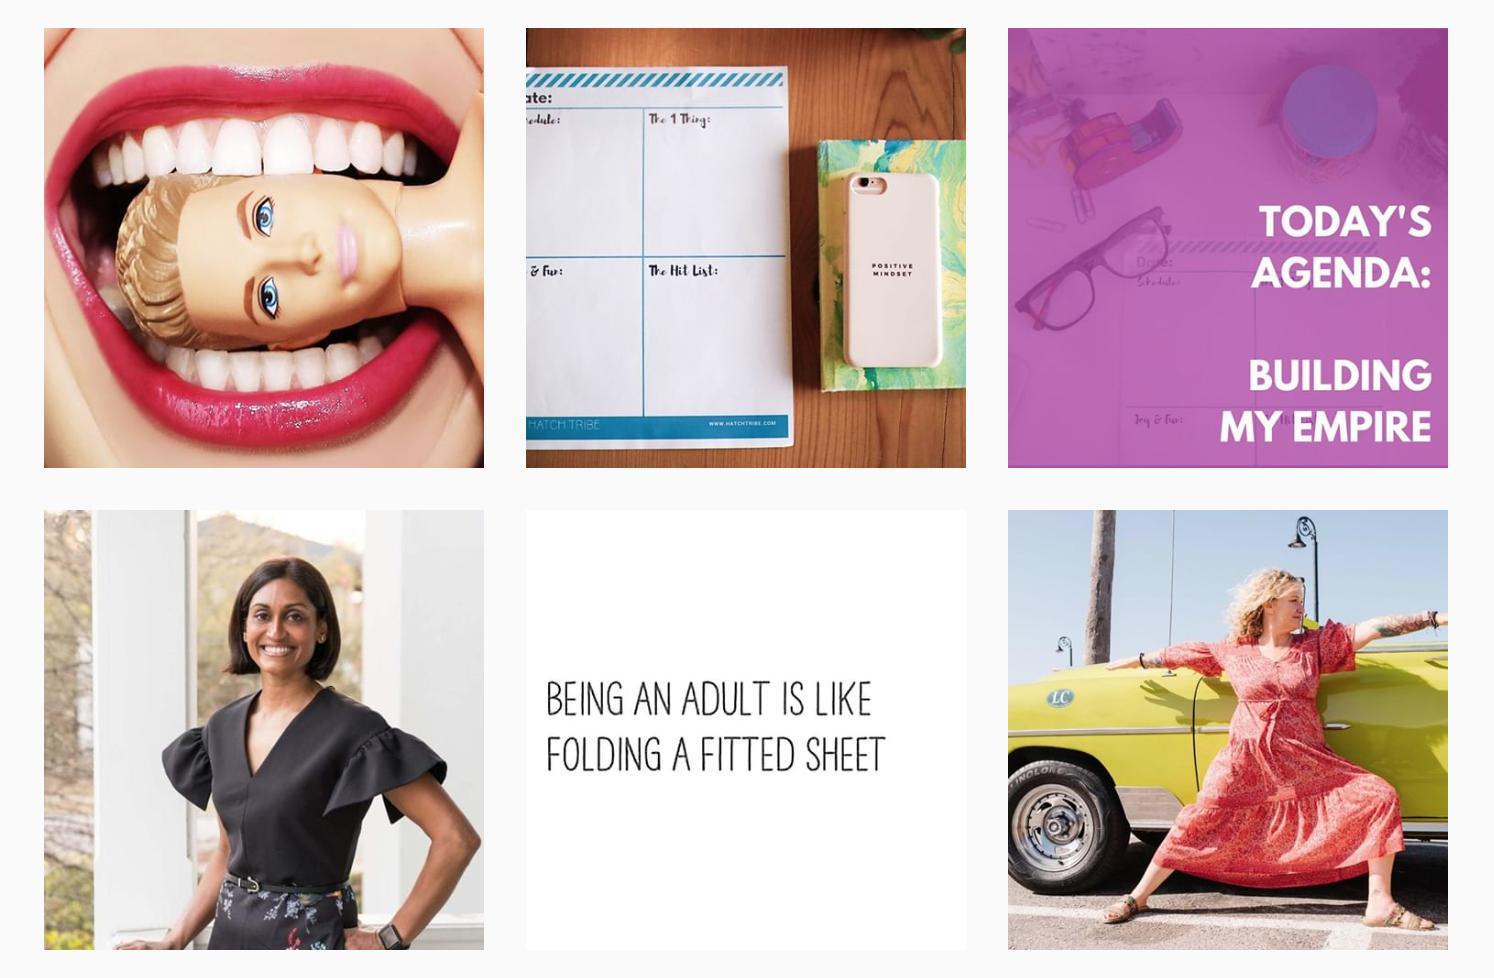 hatch-tribe-branding-media-kit-design-pr-press